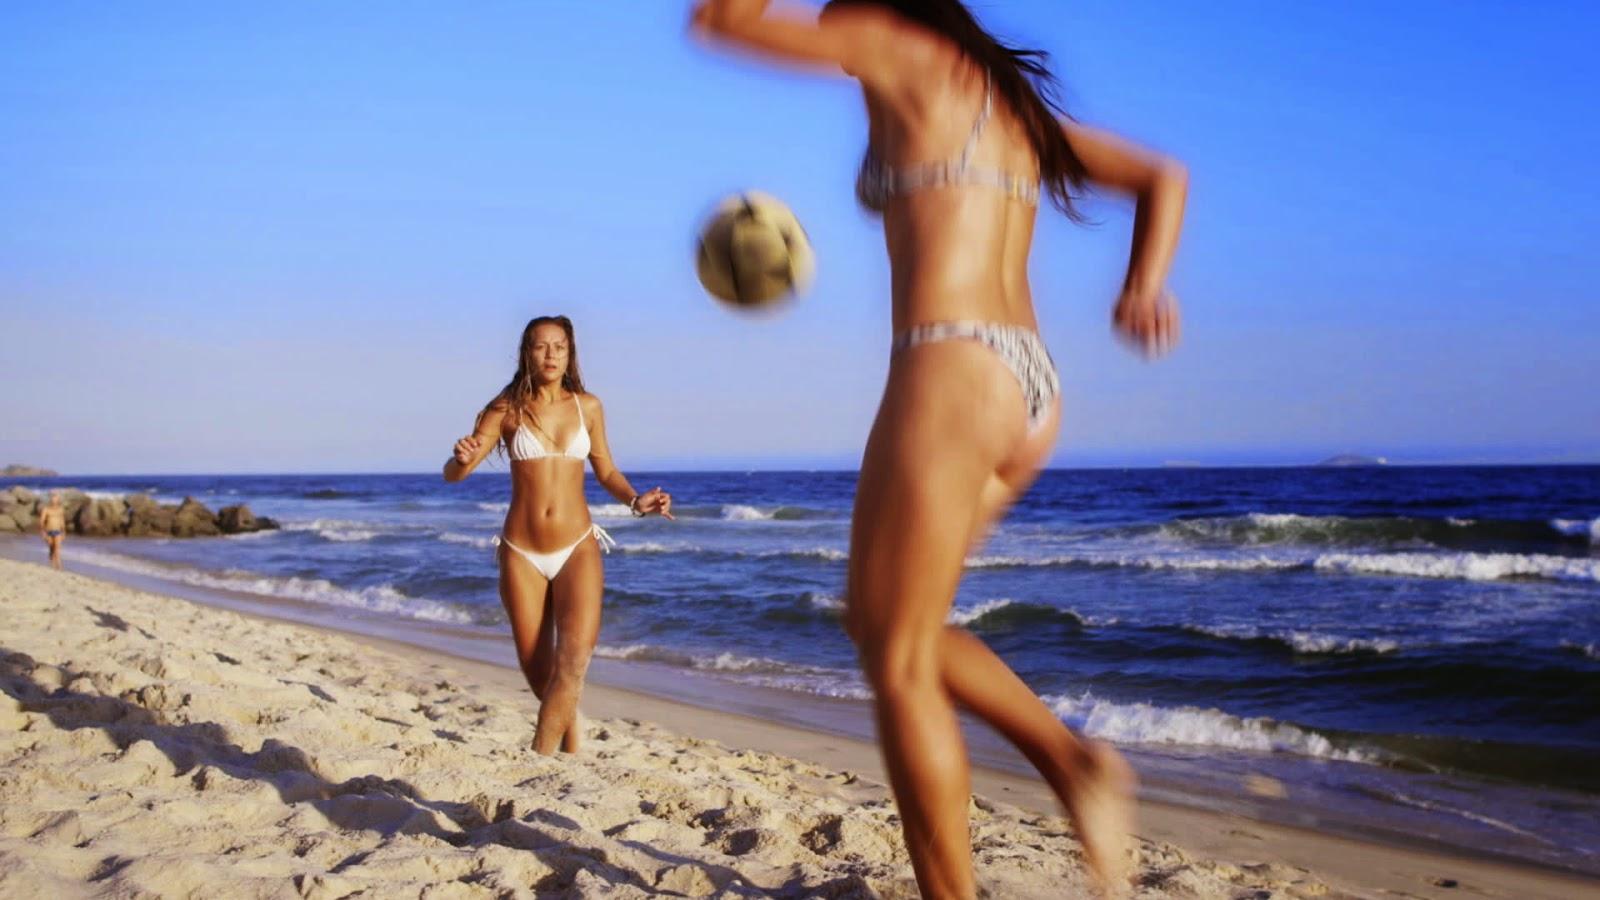 Голые Подростки Нудисты На Пляже